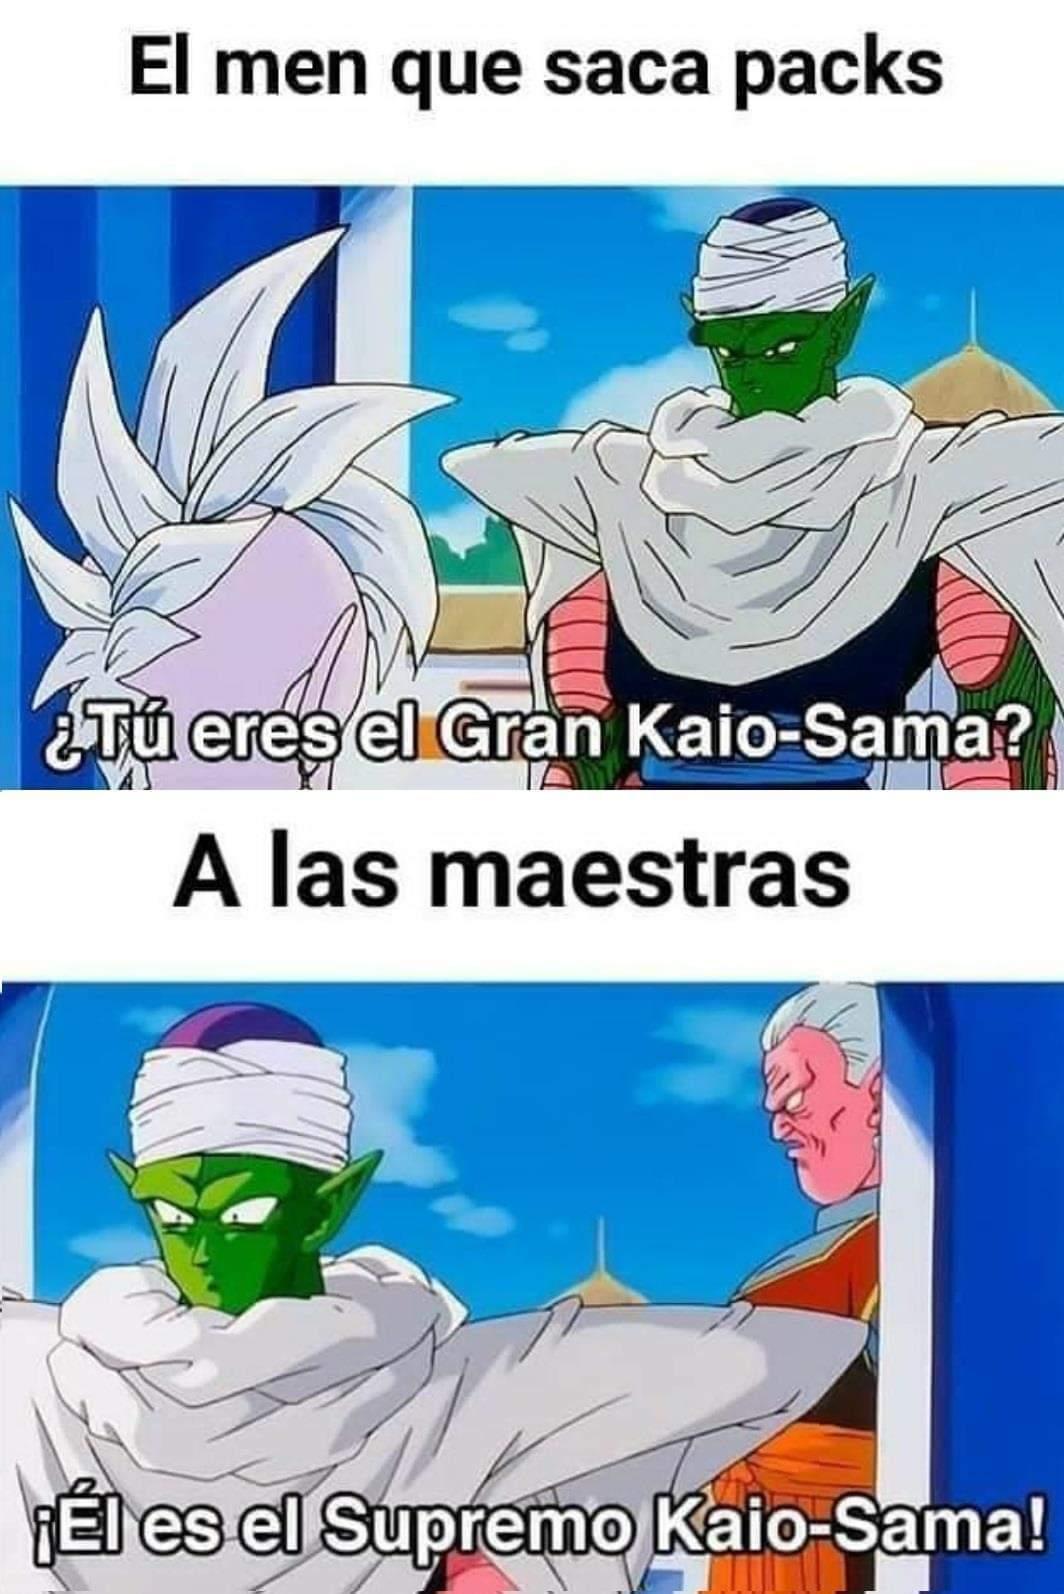 El supremo kaio-sama - meme